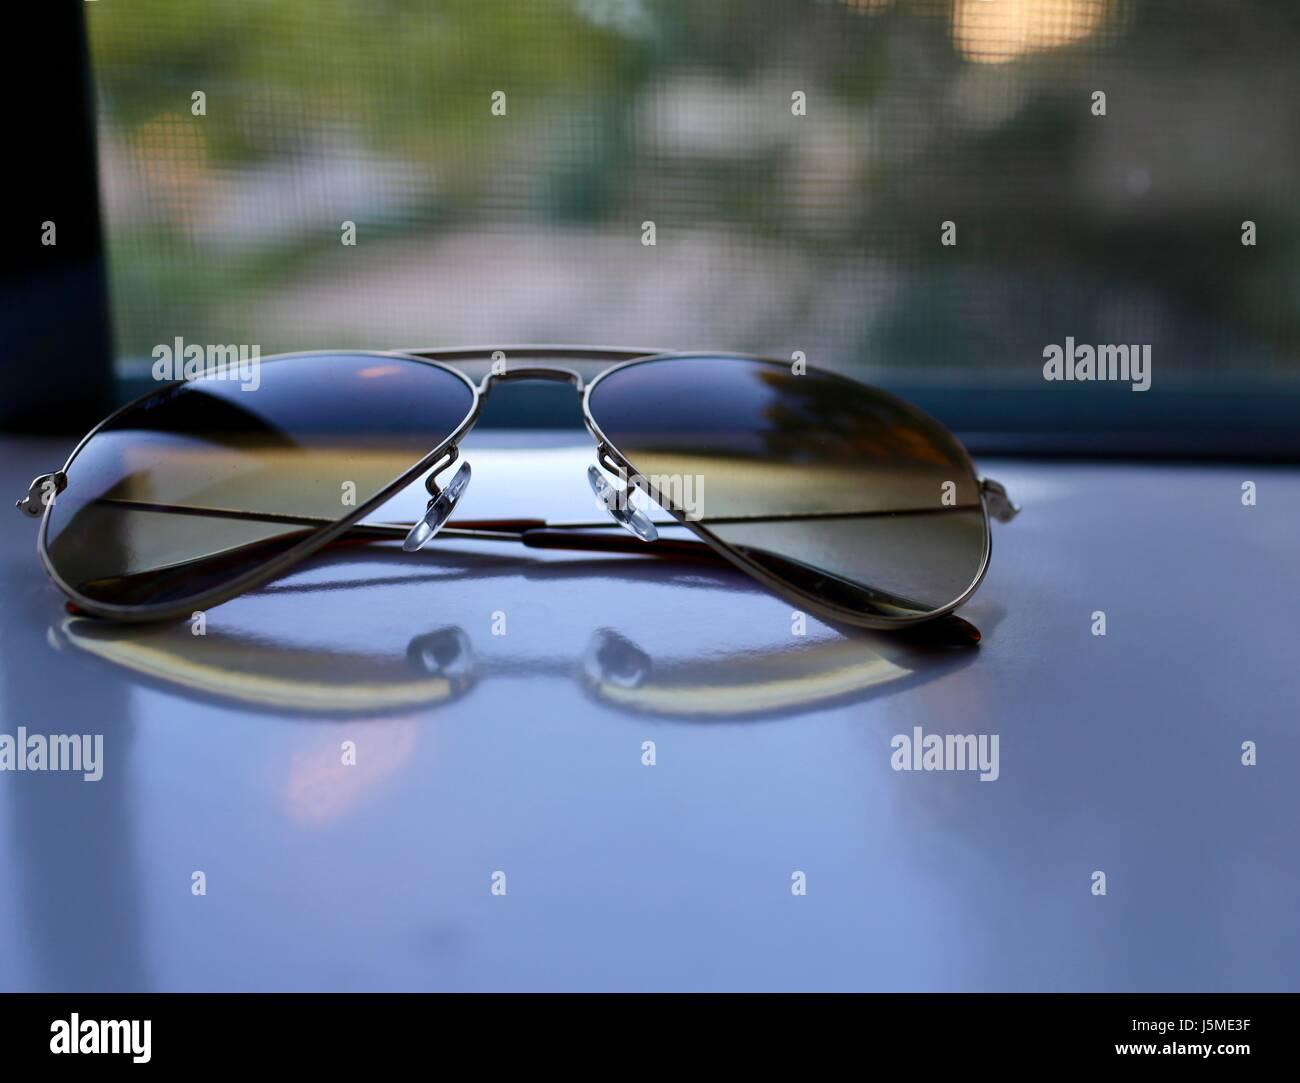 Sunglass Reflection - Stock Image